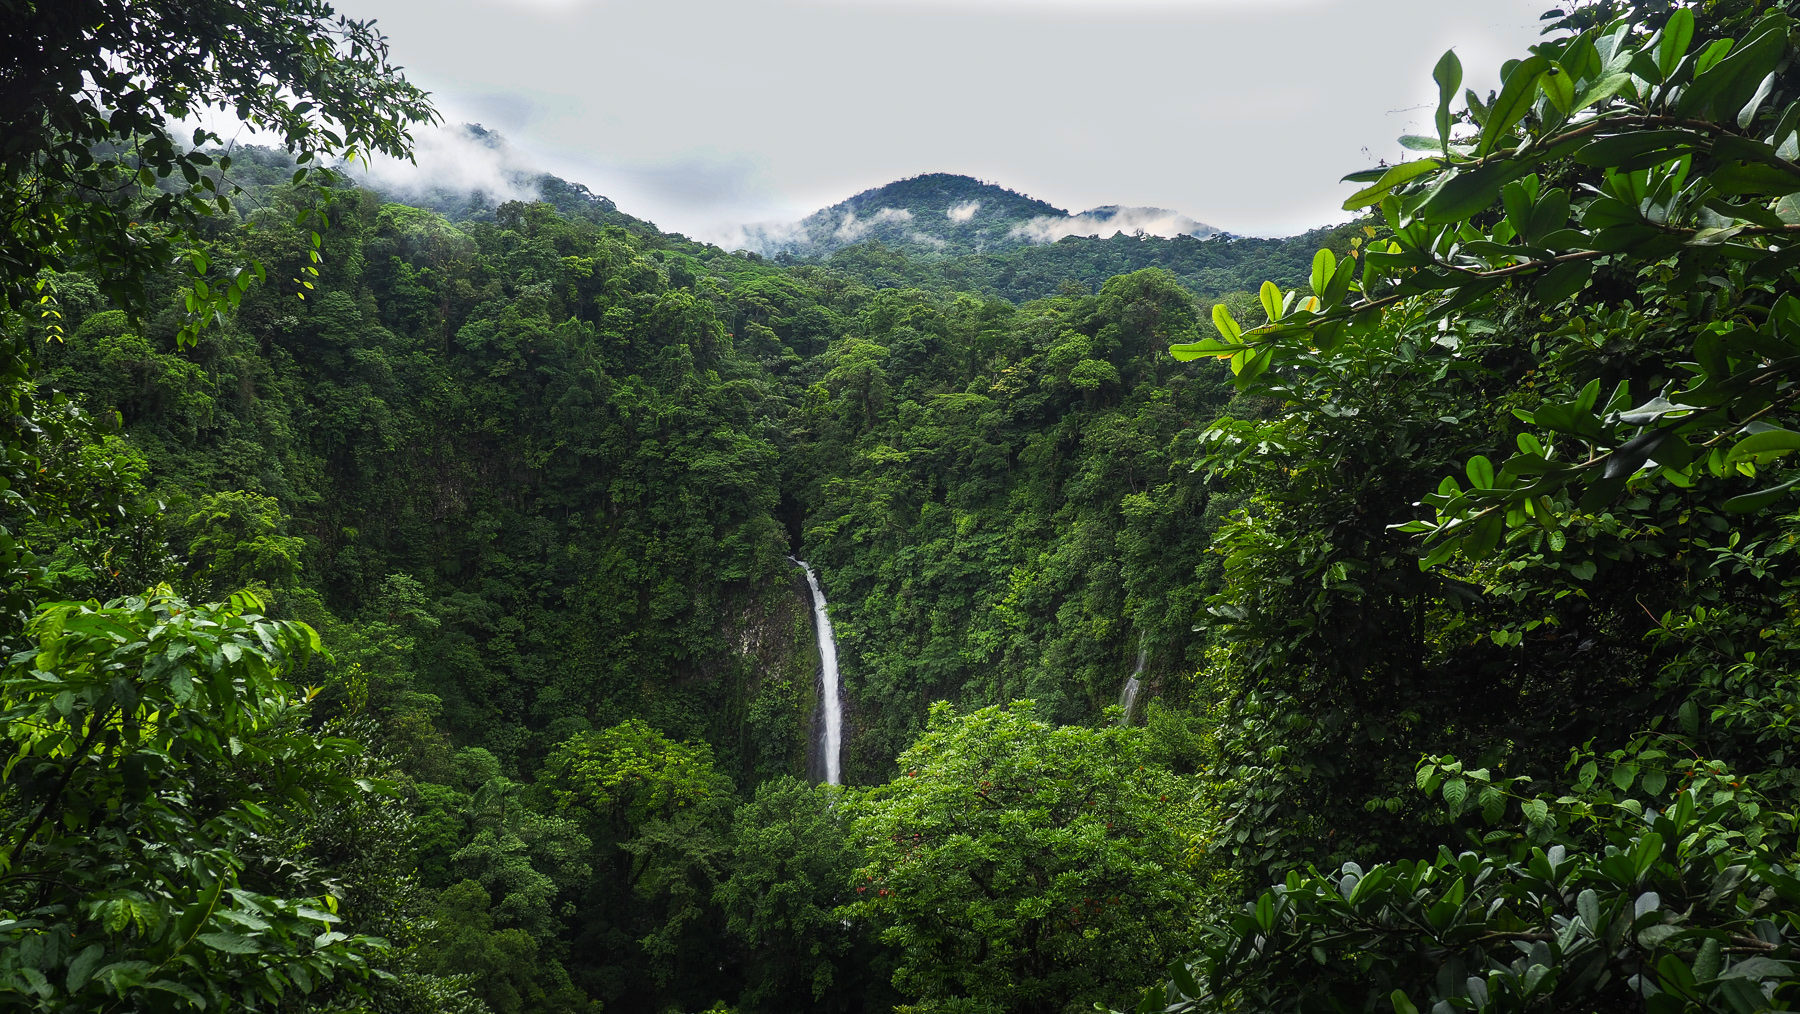 Mitten im Dschungel gelegen: der La Fortuna Wasserfall